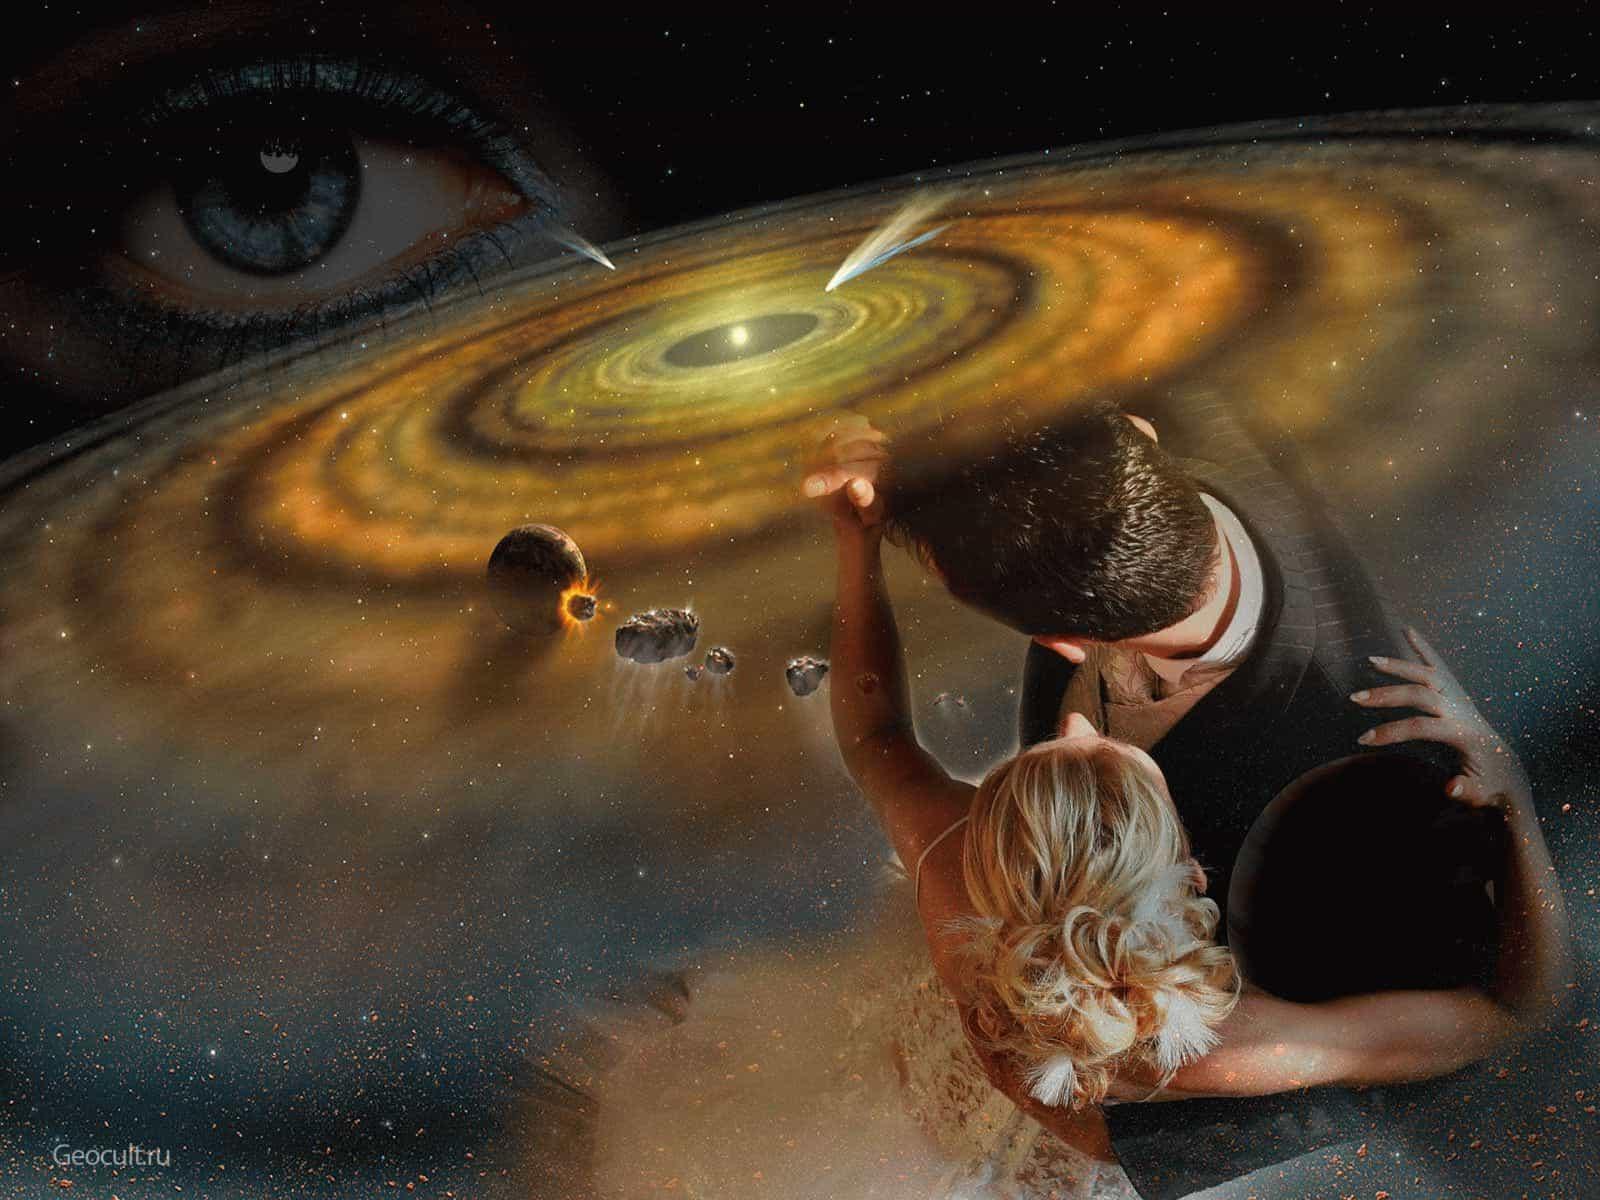 Совместимость знаков зодиака по дате рождения - гороскоп любви